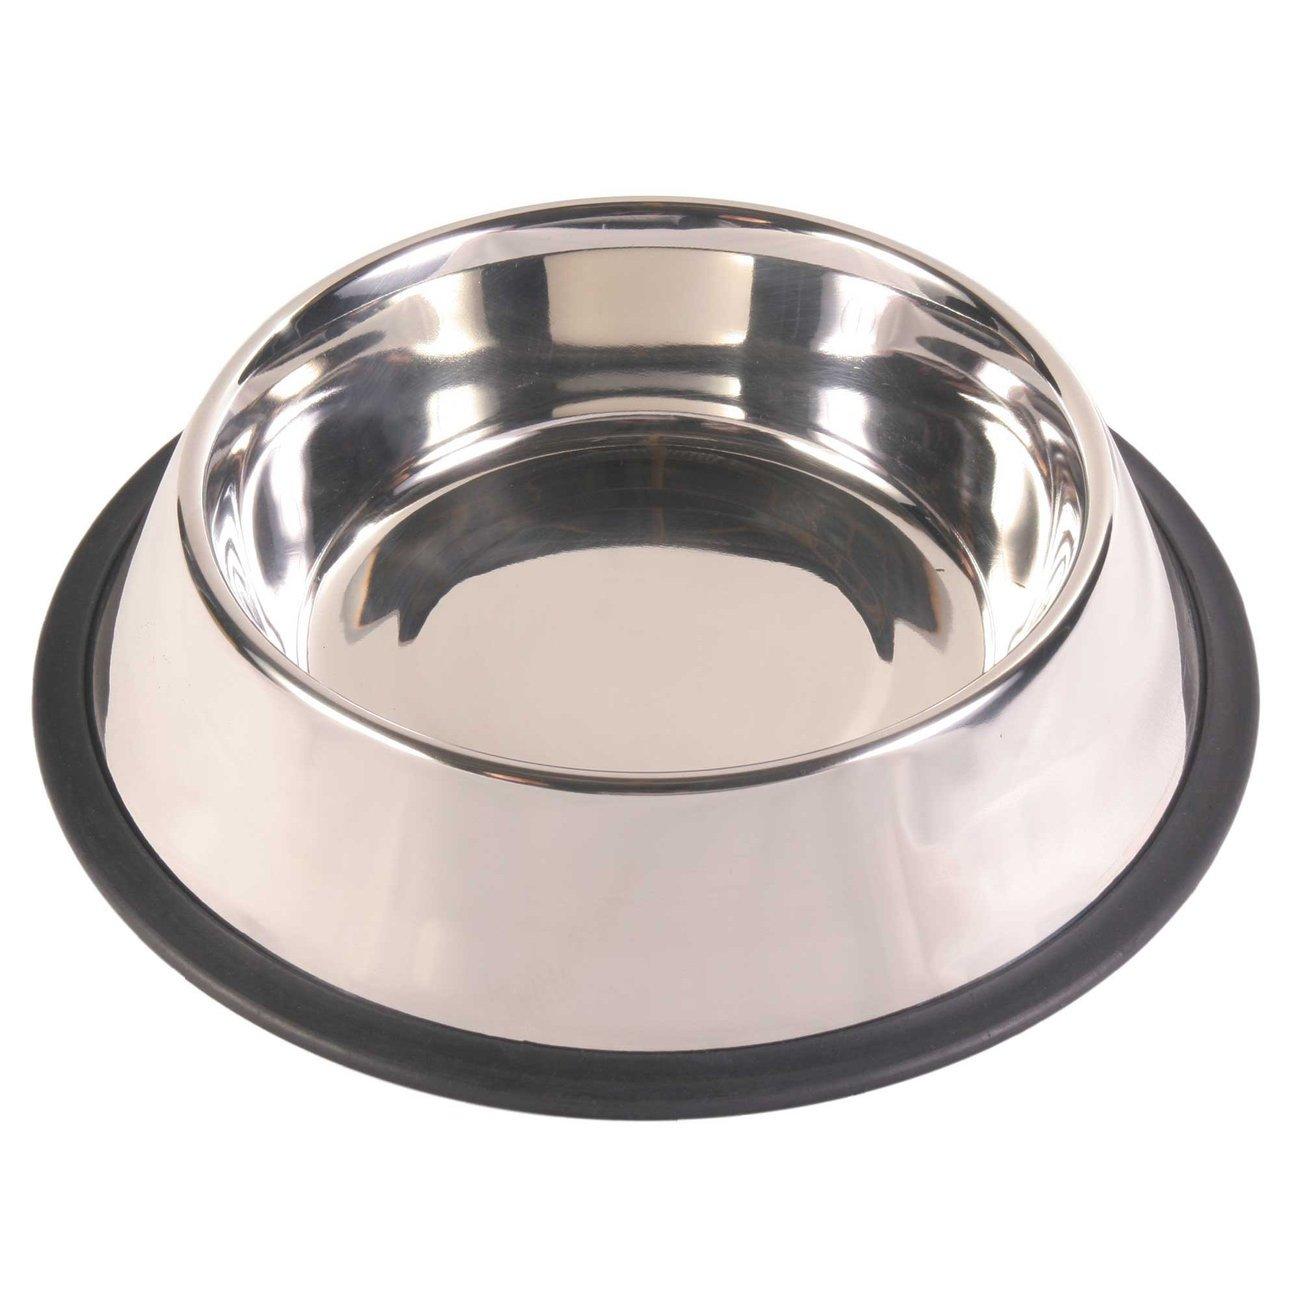 TRIXIE Hundenapf Edelstahl mit Gummiring, schwer 24851, Bild 4